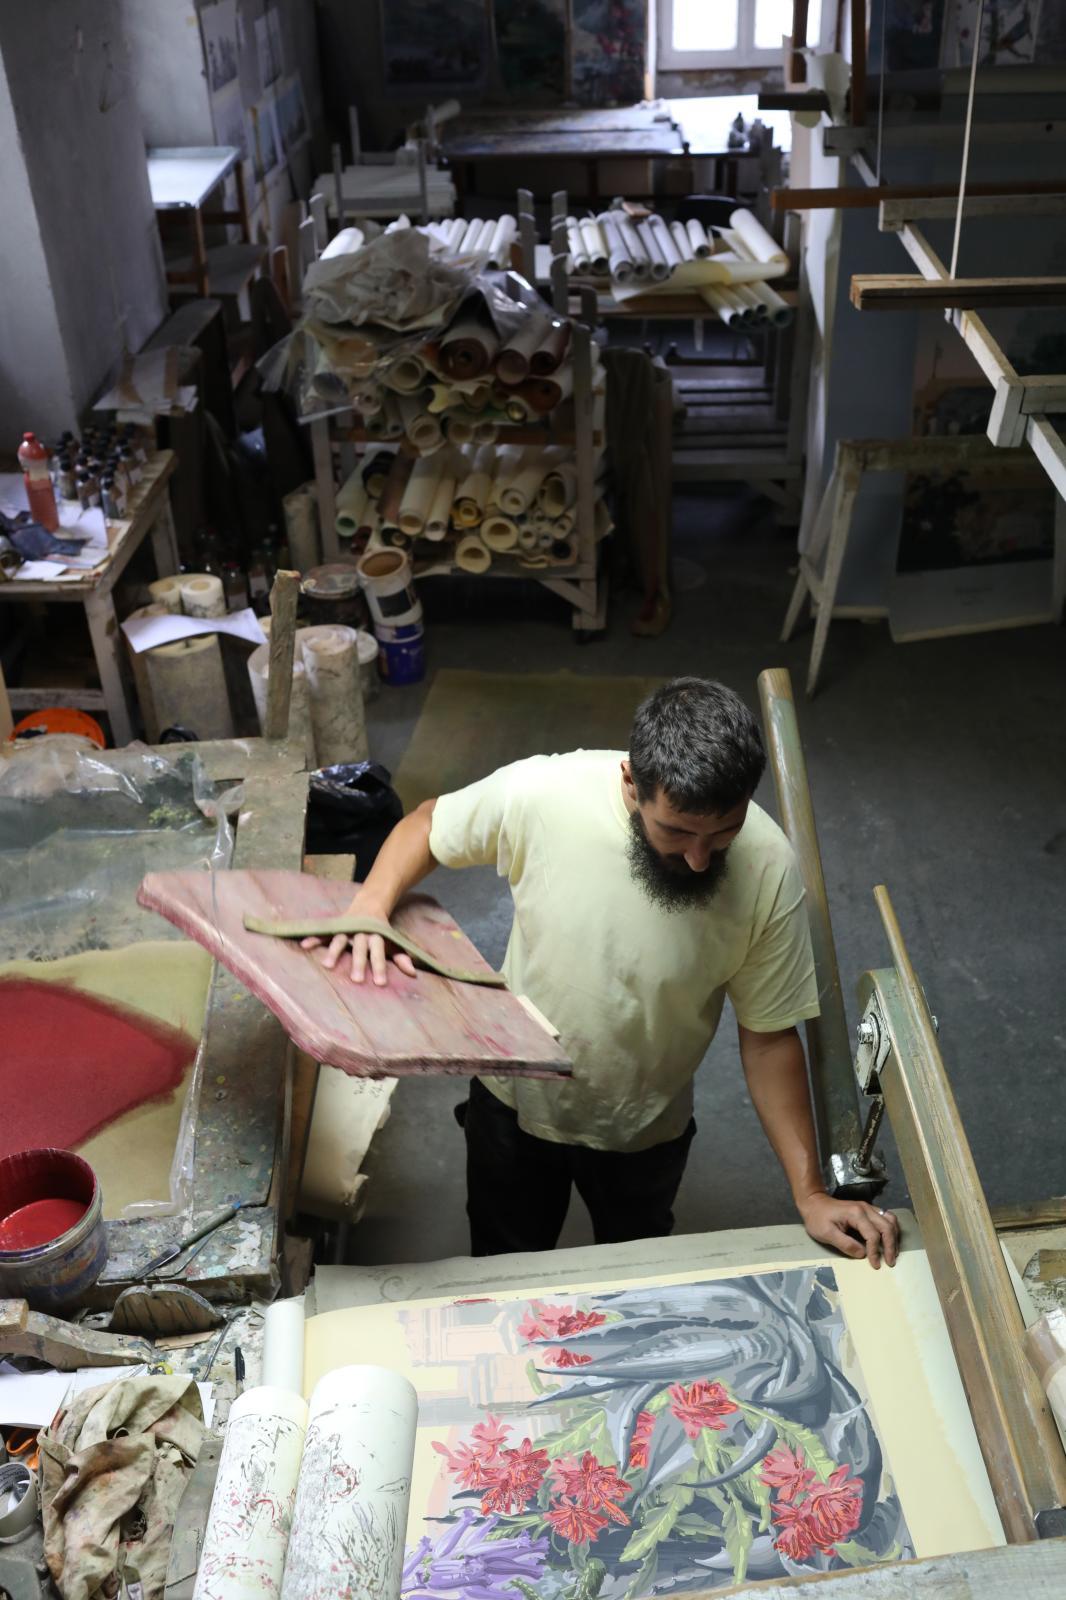 L'artisan imprime le motif sur le papier peint, complétant au fur et à mesure les différentes couches de couleur composant le décor.